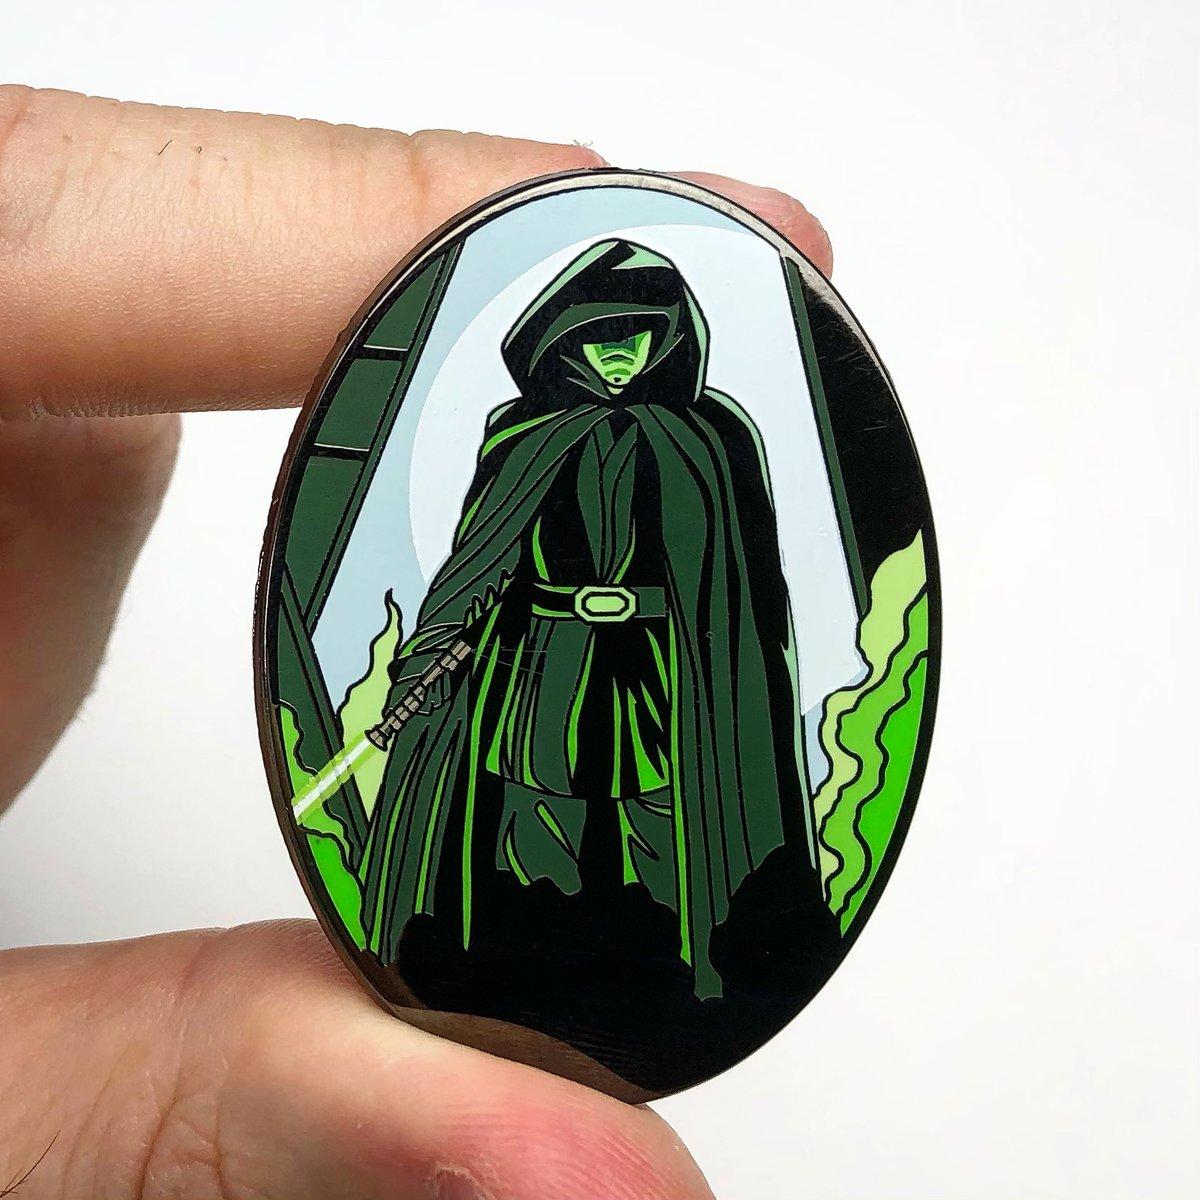 Image of 'Luke Legacy' Pin